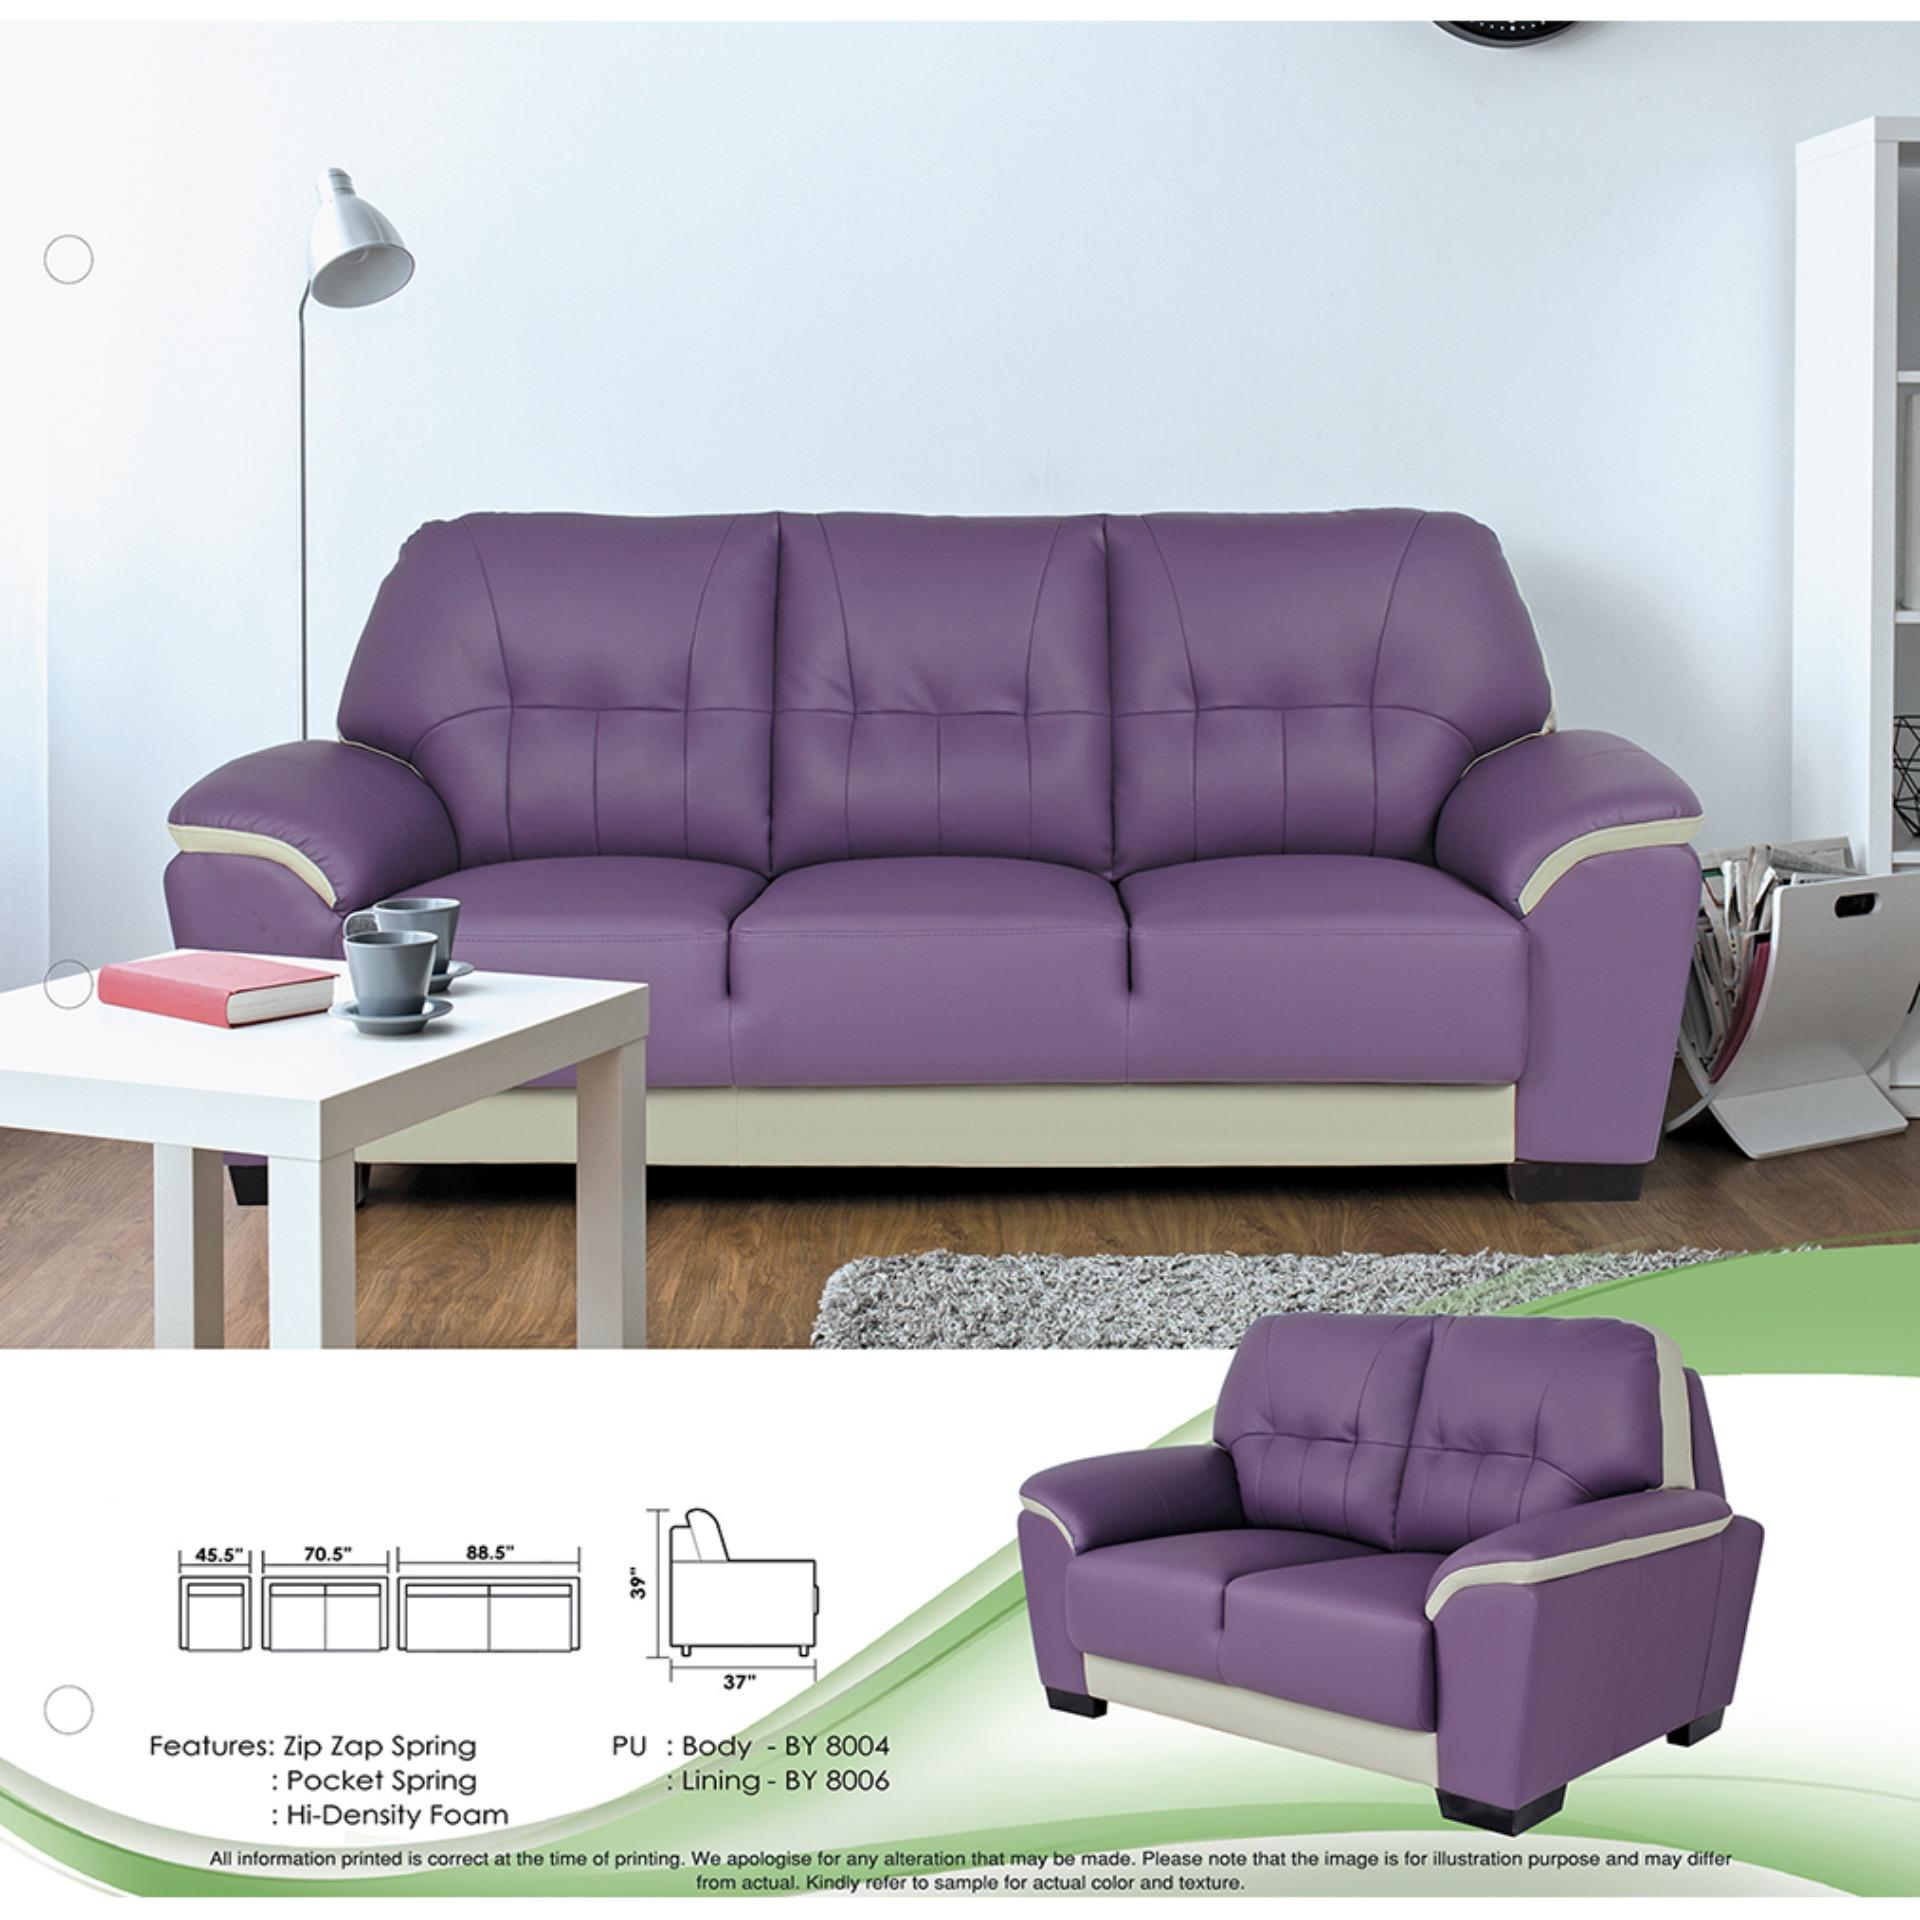 Sofa Set 1 2 3 Fully Leather